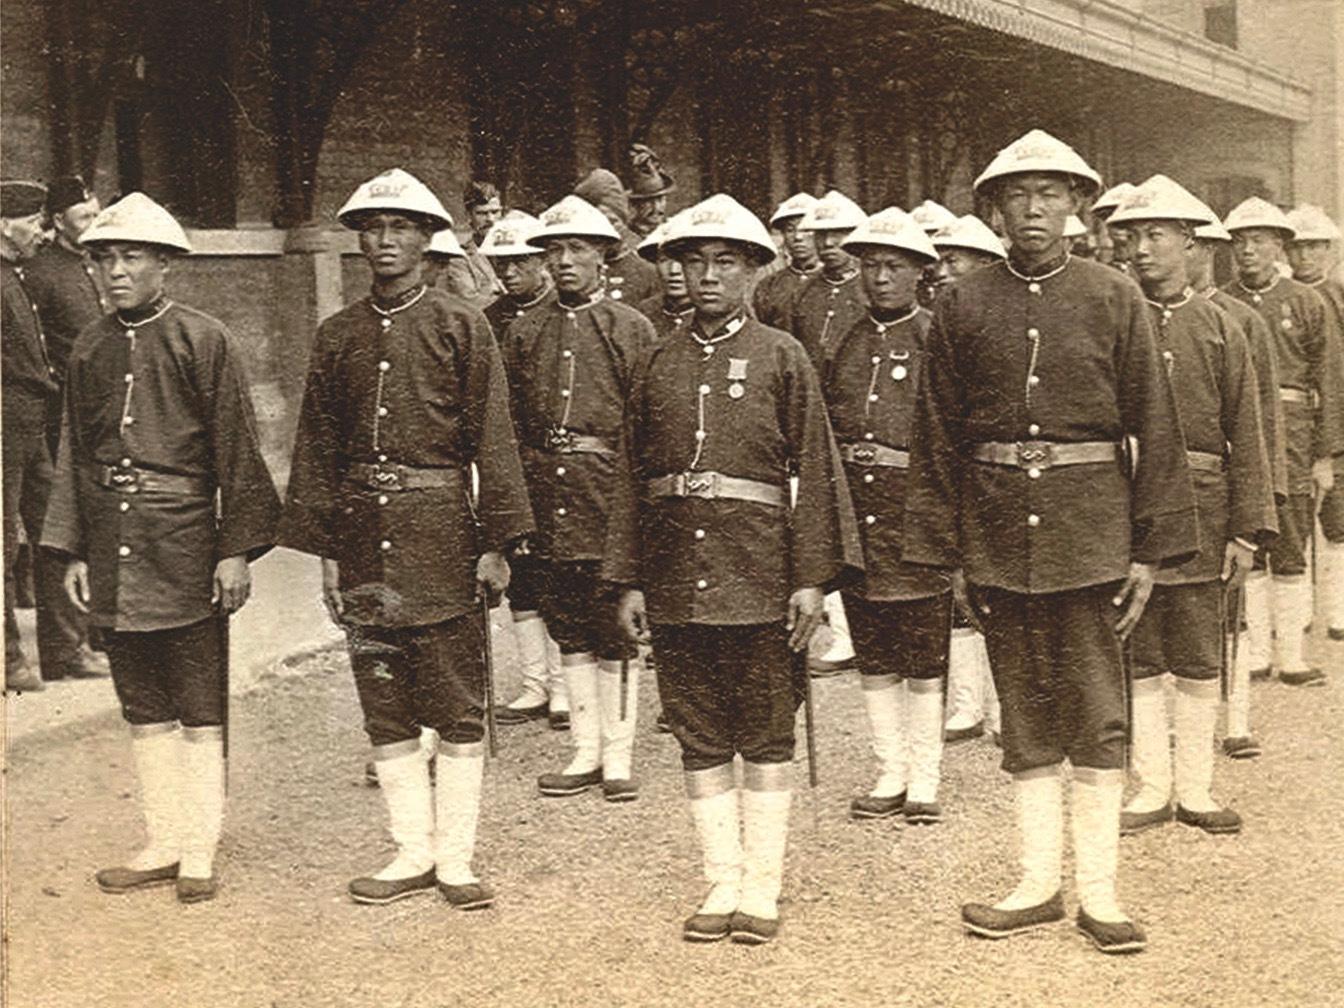 Hong Kong Police 1890s